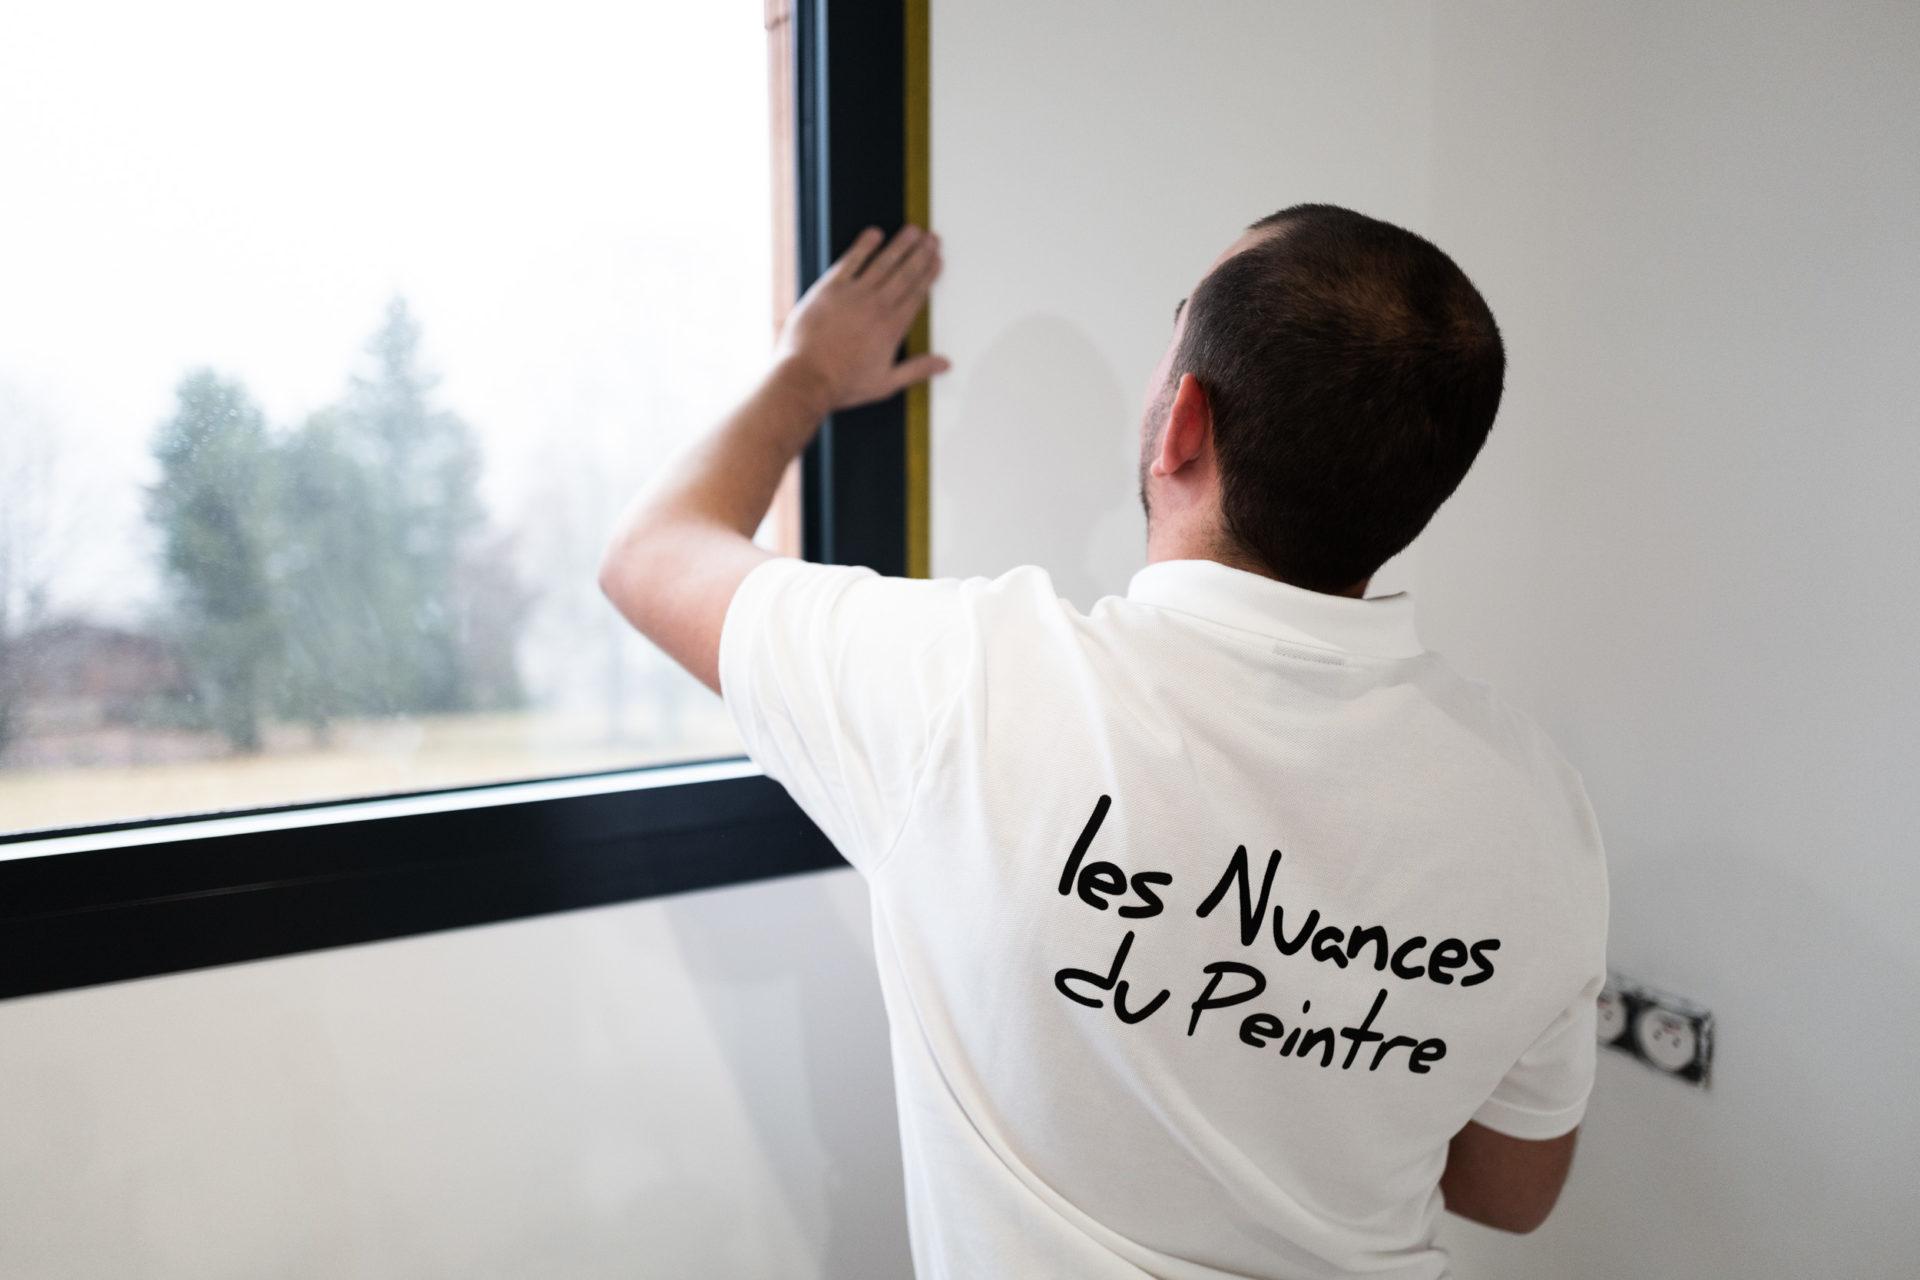 Les Nuances Du Peintre DIVERS Chantiers 15